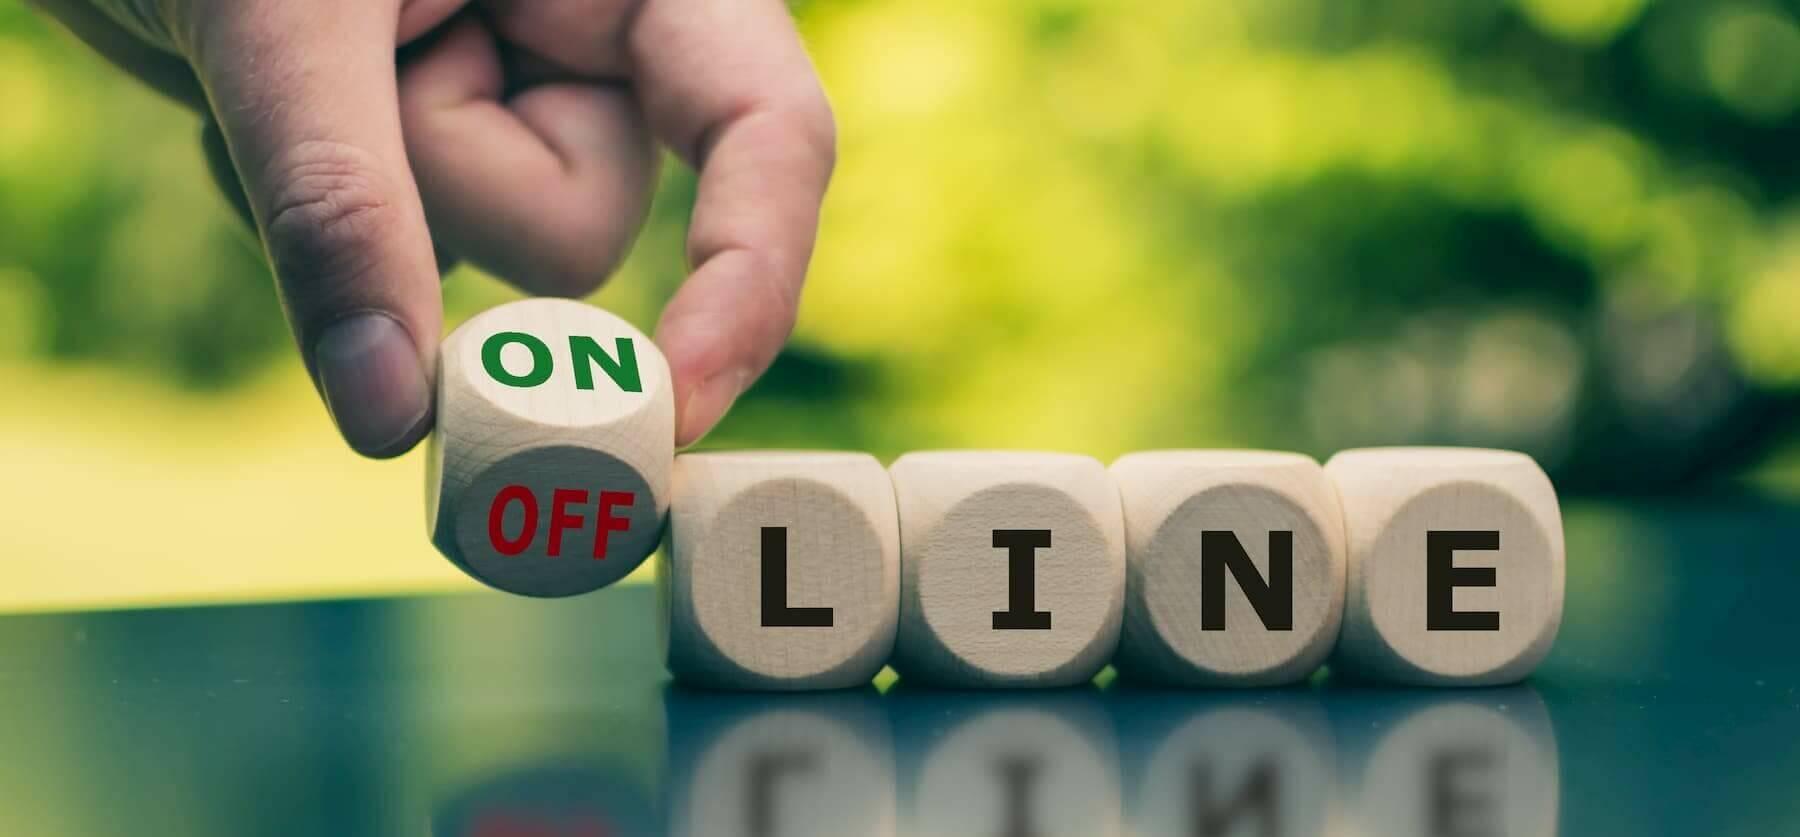 linkbuilding seminar online statt offline